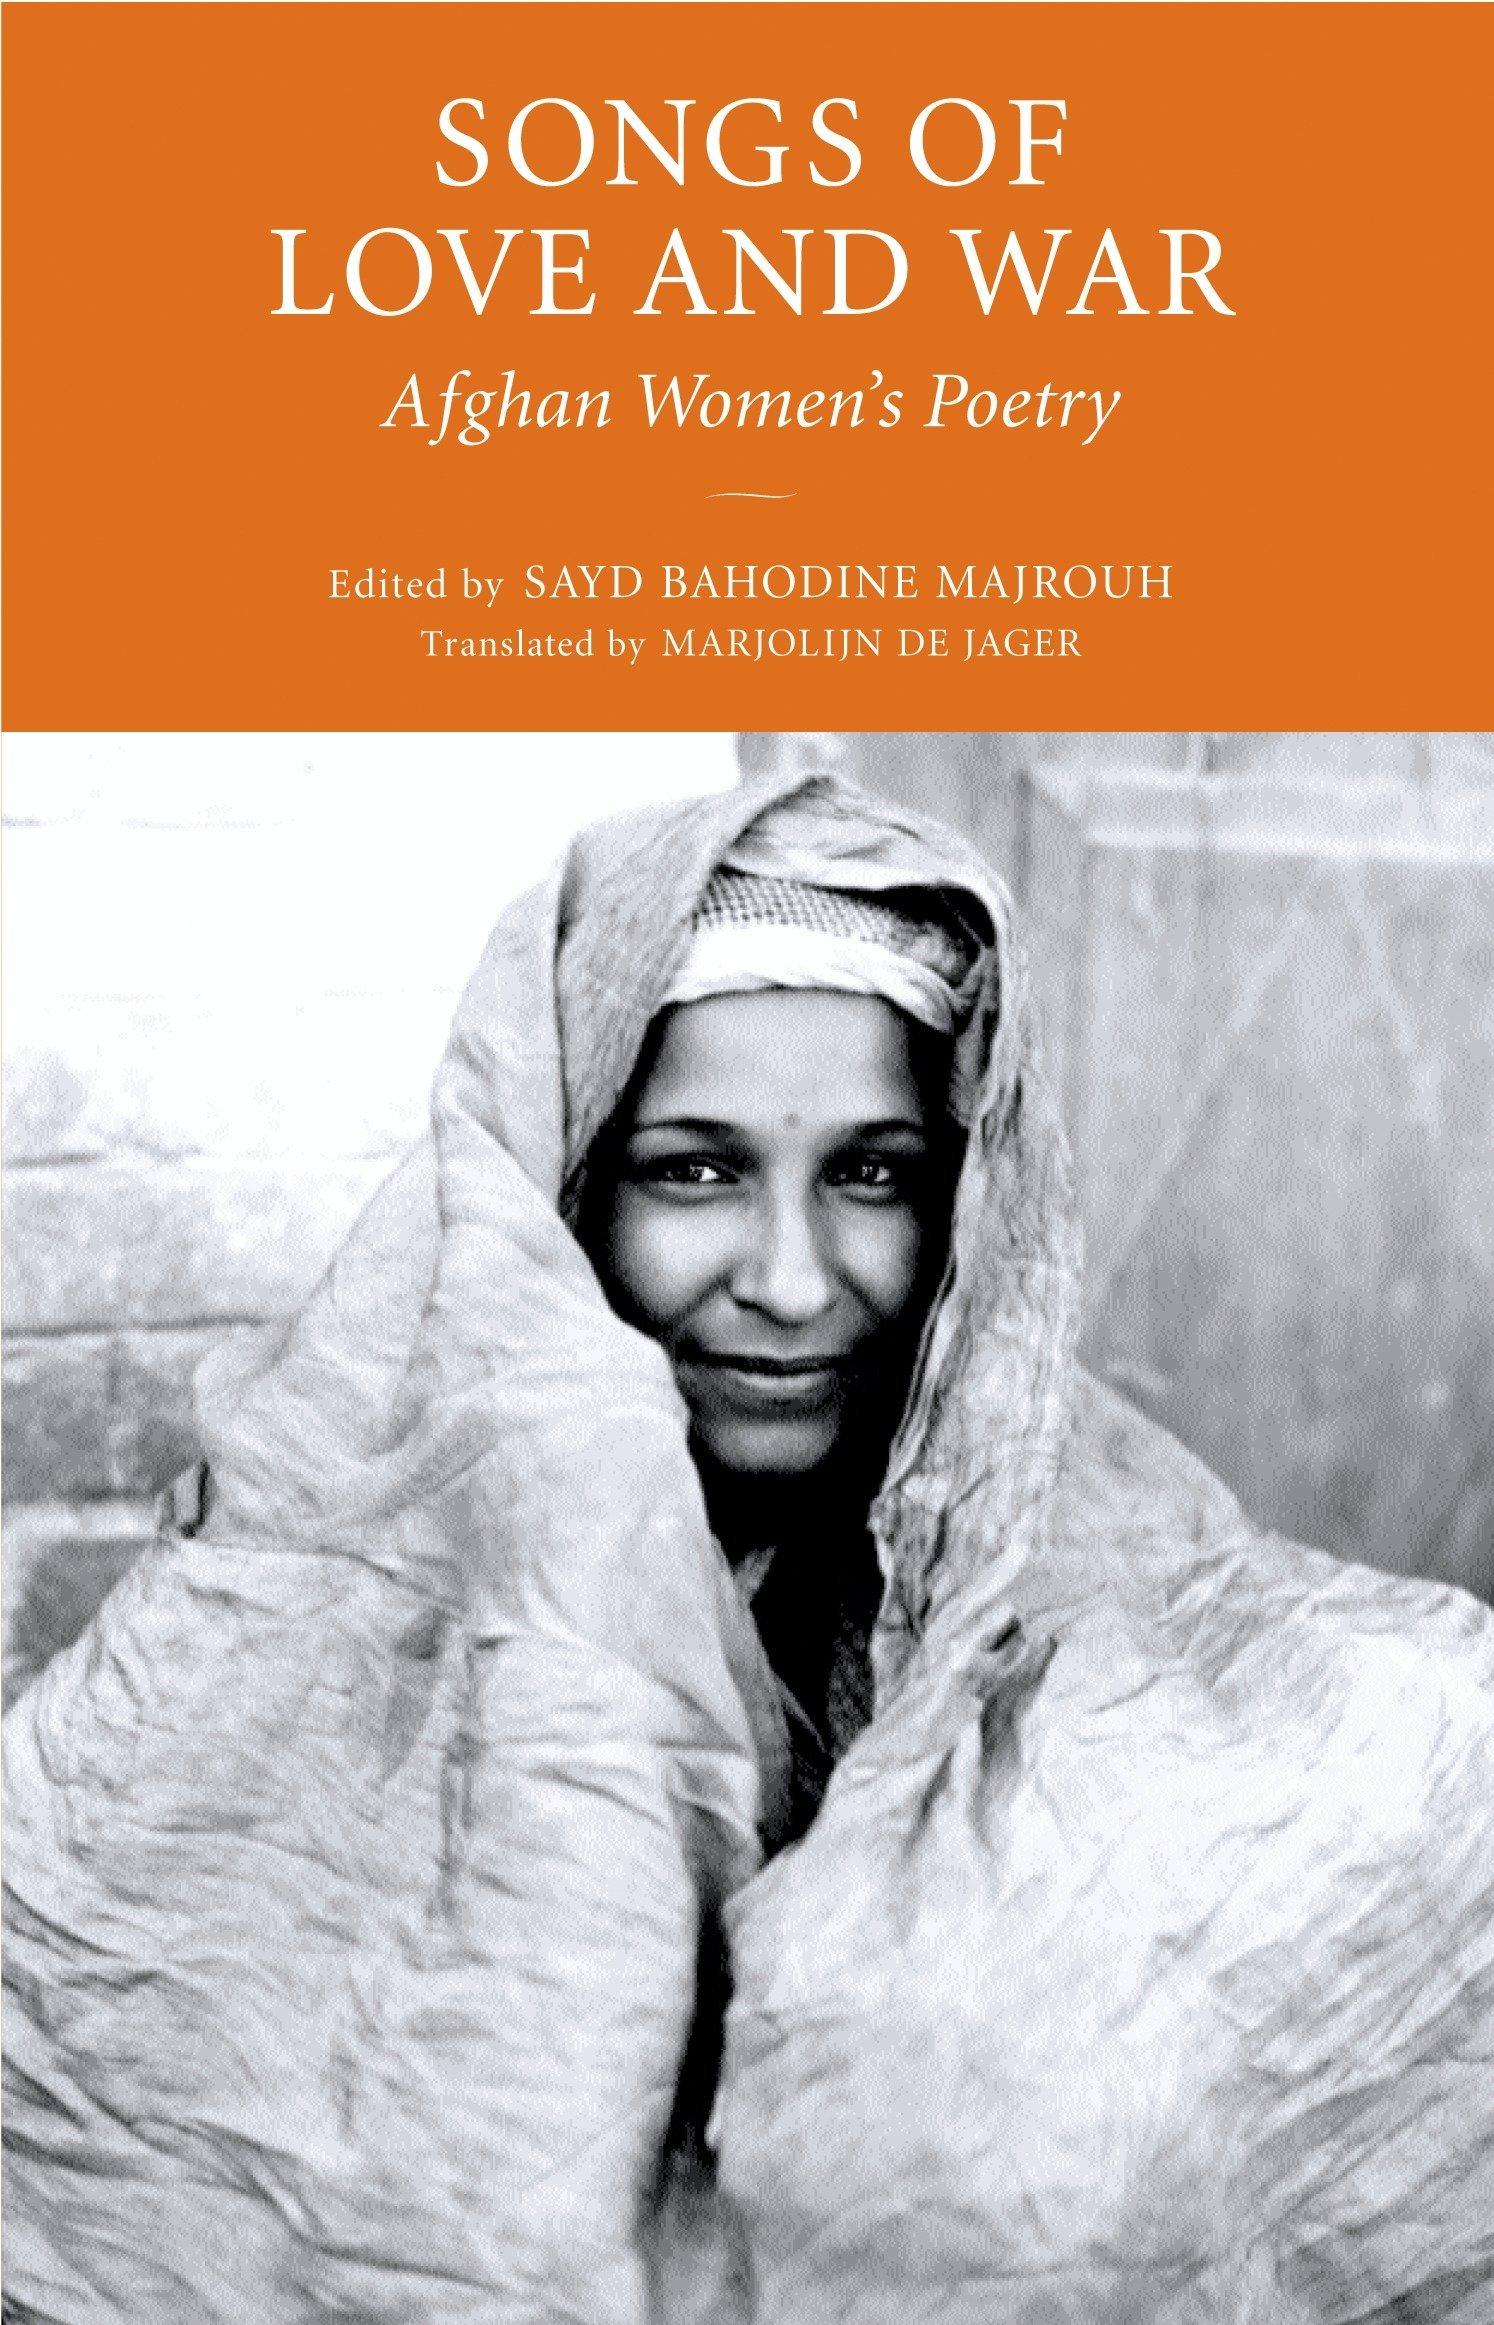 Songs of Love and War: Afghan Women's Poetry PDF